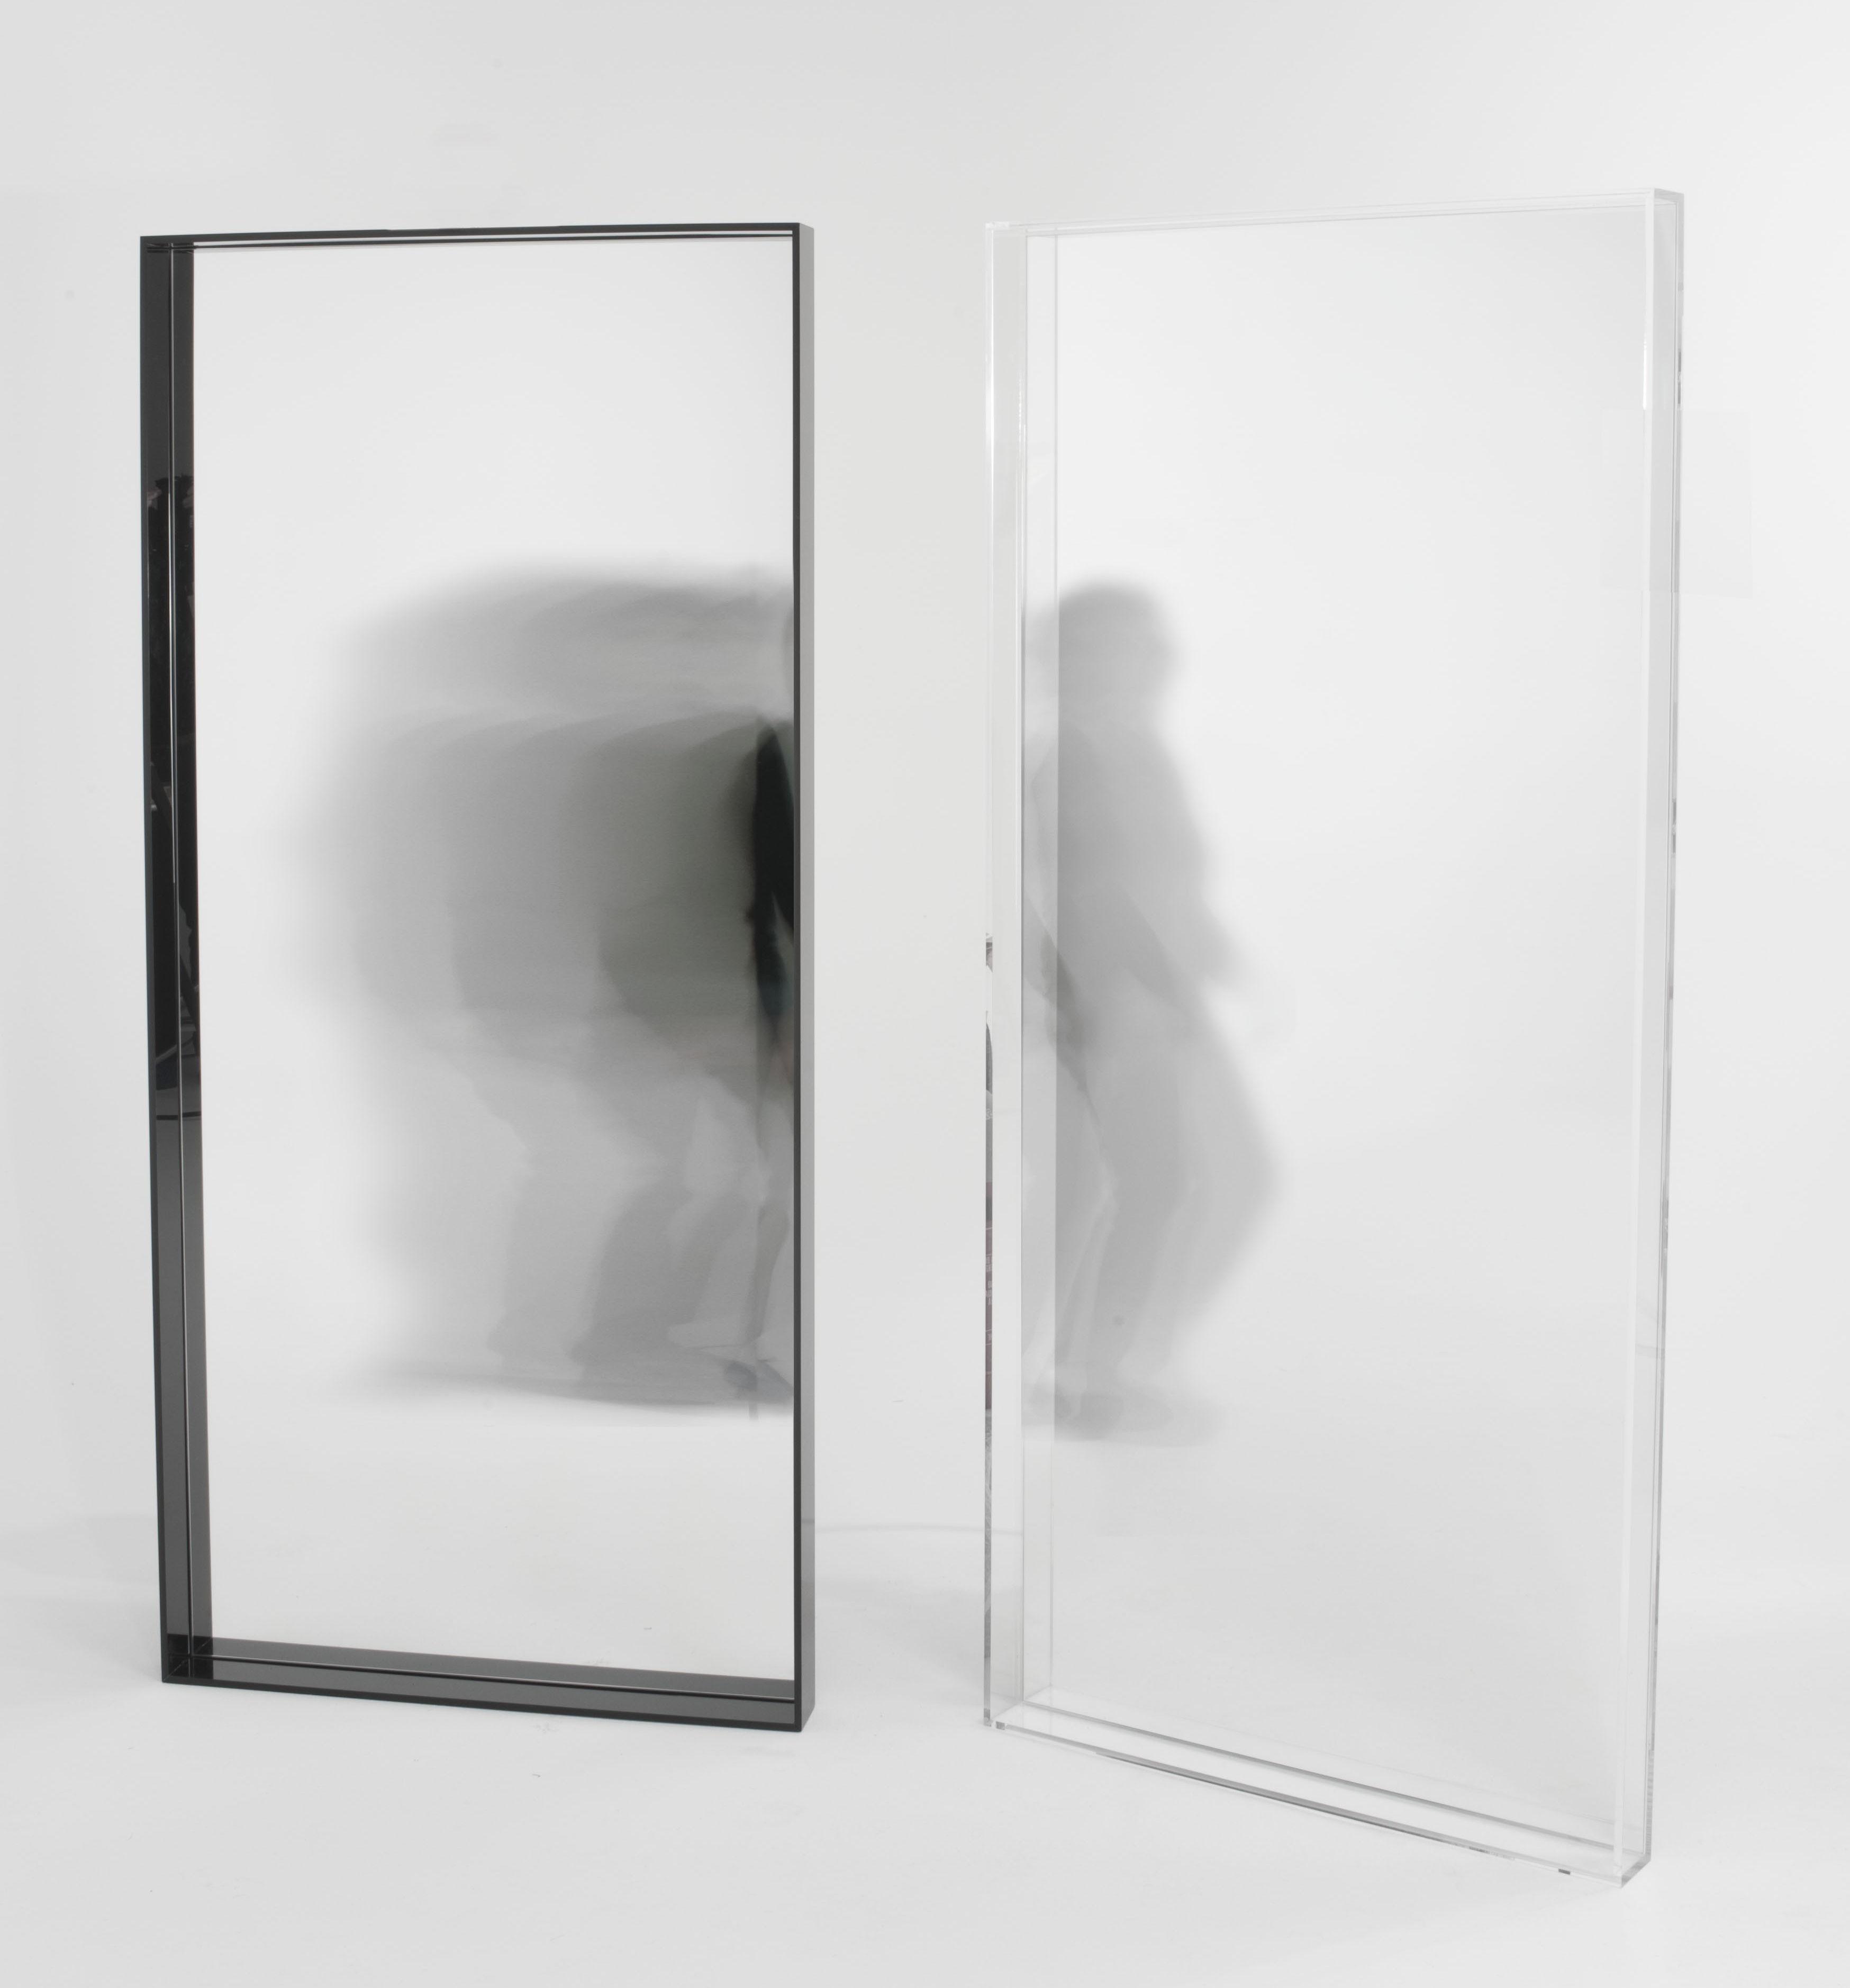 miroir mural only me l 80 x h 180 cm cristal kartell. Black Bedroom Furniture Sets. Home Design Ideas